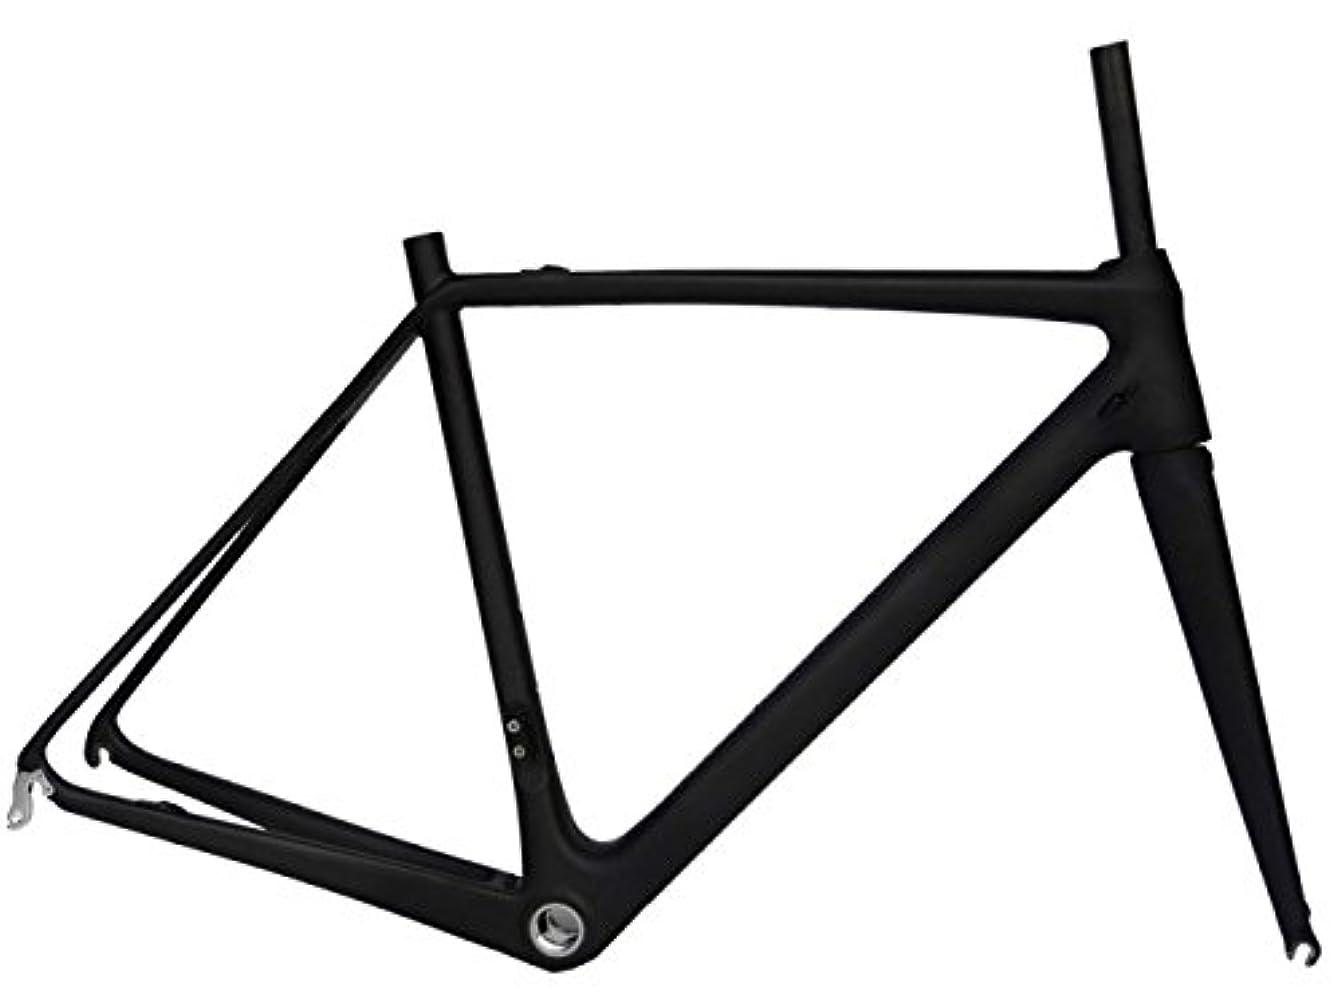 ふさわしいむしゃむしゃ確かめるフルカーボン UDマット700c ロードバイク サイクリング BB30 フレームフォーク 50cm